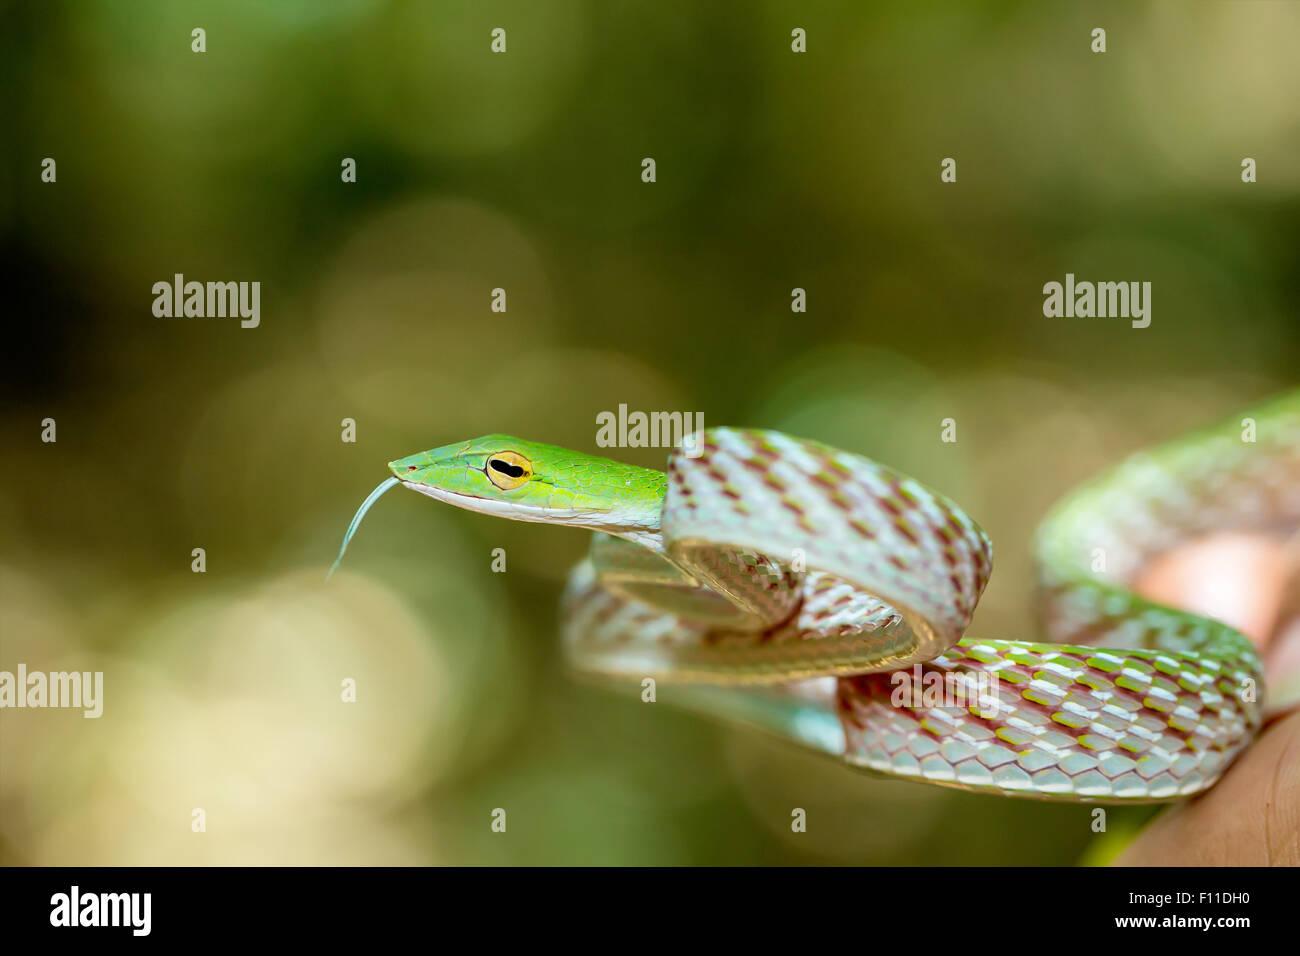 Whipsnake Oriental ou asiatique (Serpent de vigne Ahaetulla prasina) Parc national de Tangkoko. L'île de Sulawesi, en Indonésie, de la faune Banque D'Images